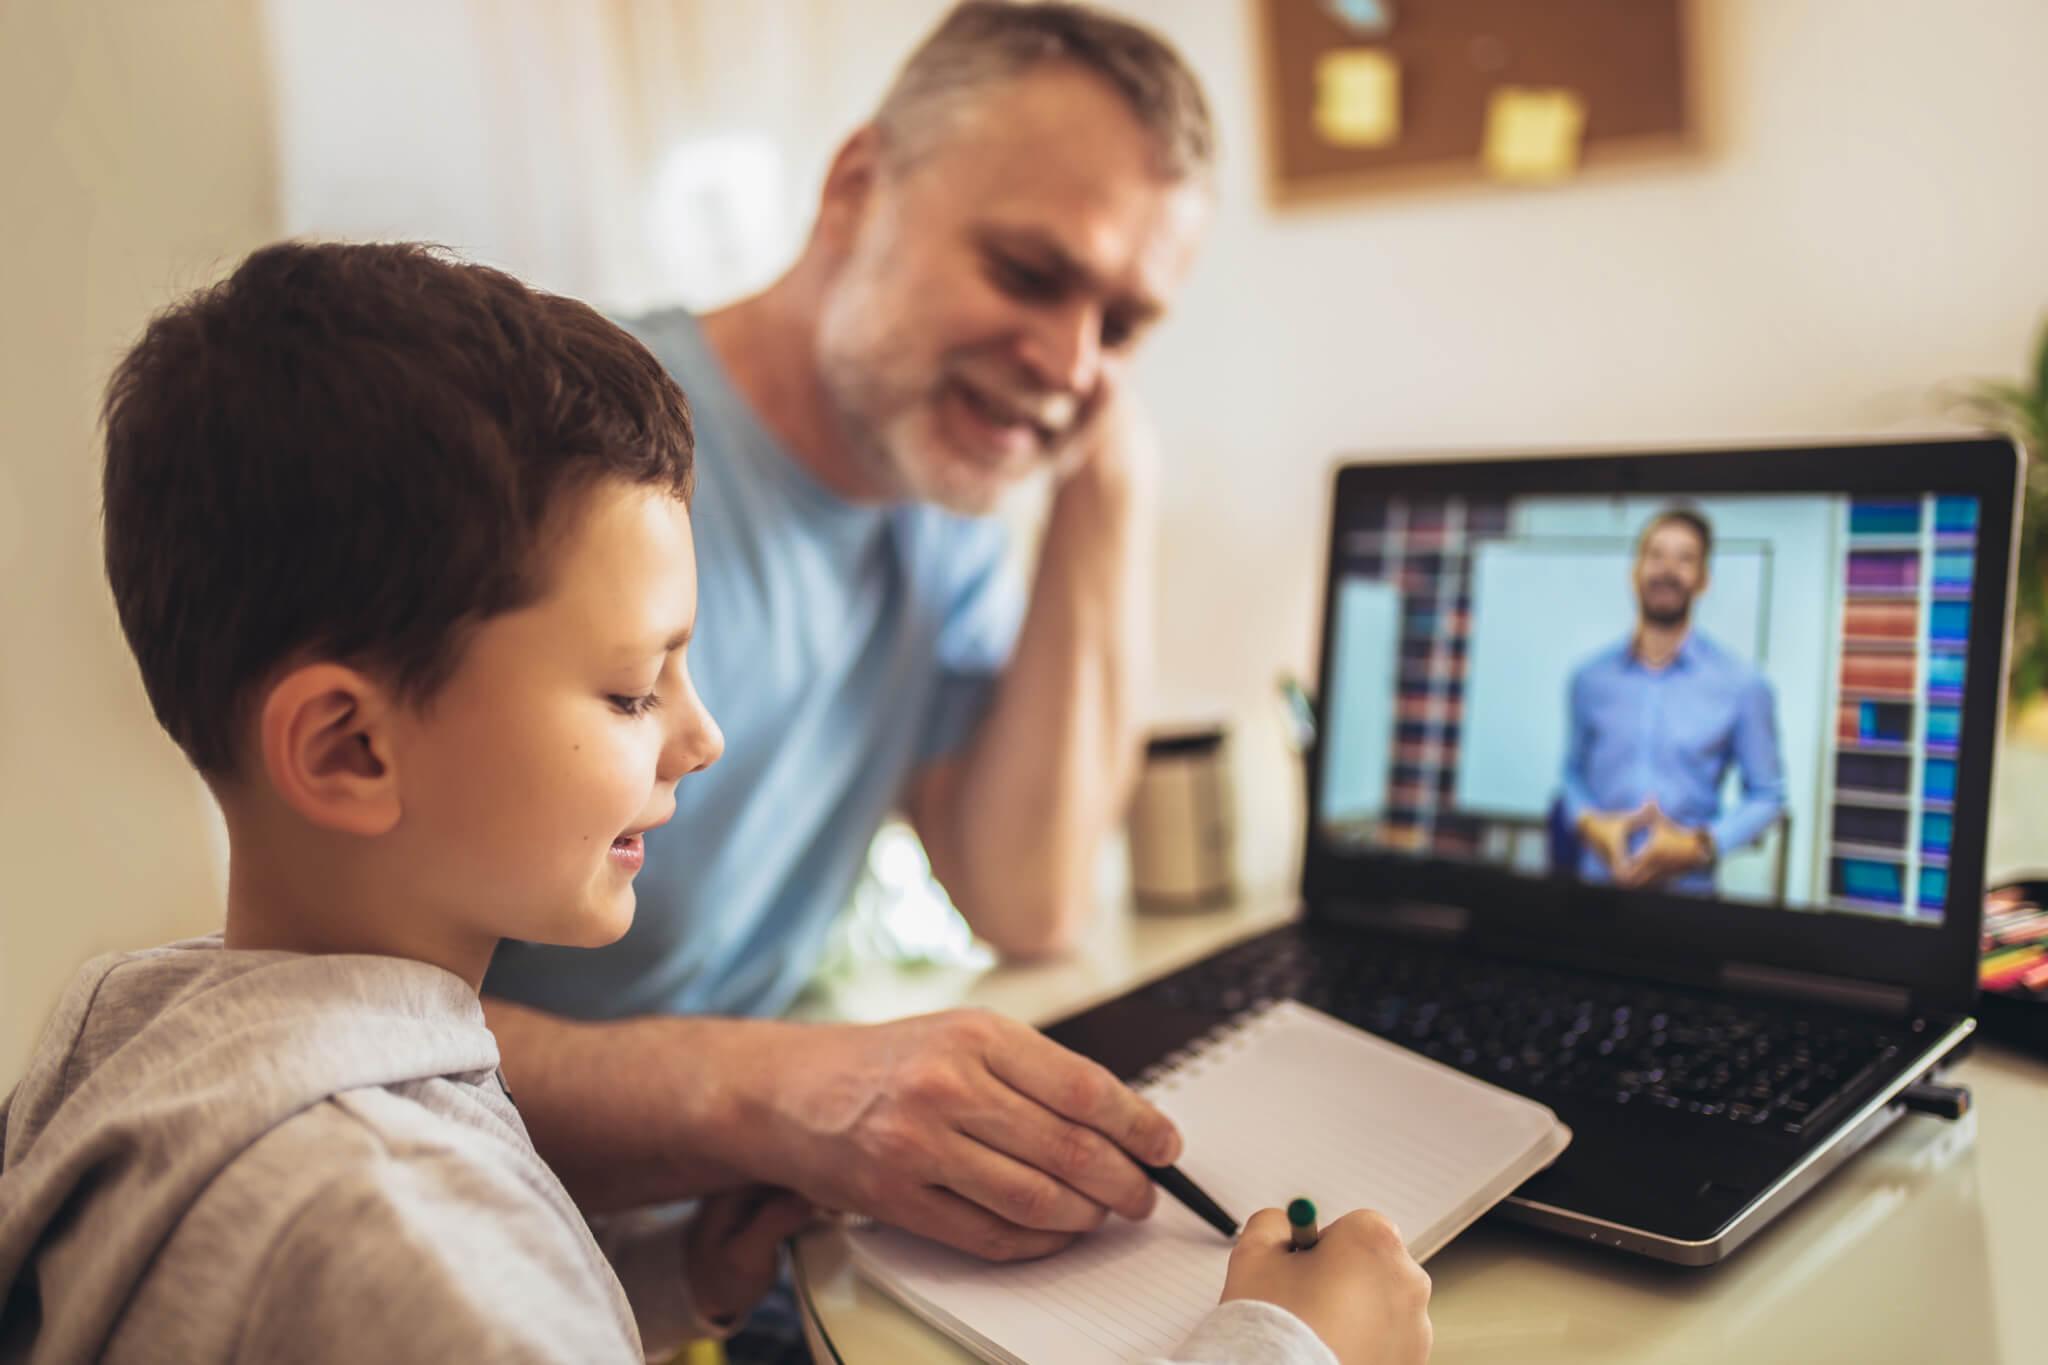 Family doing school online